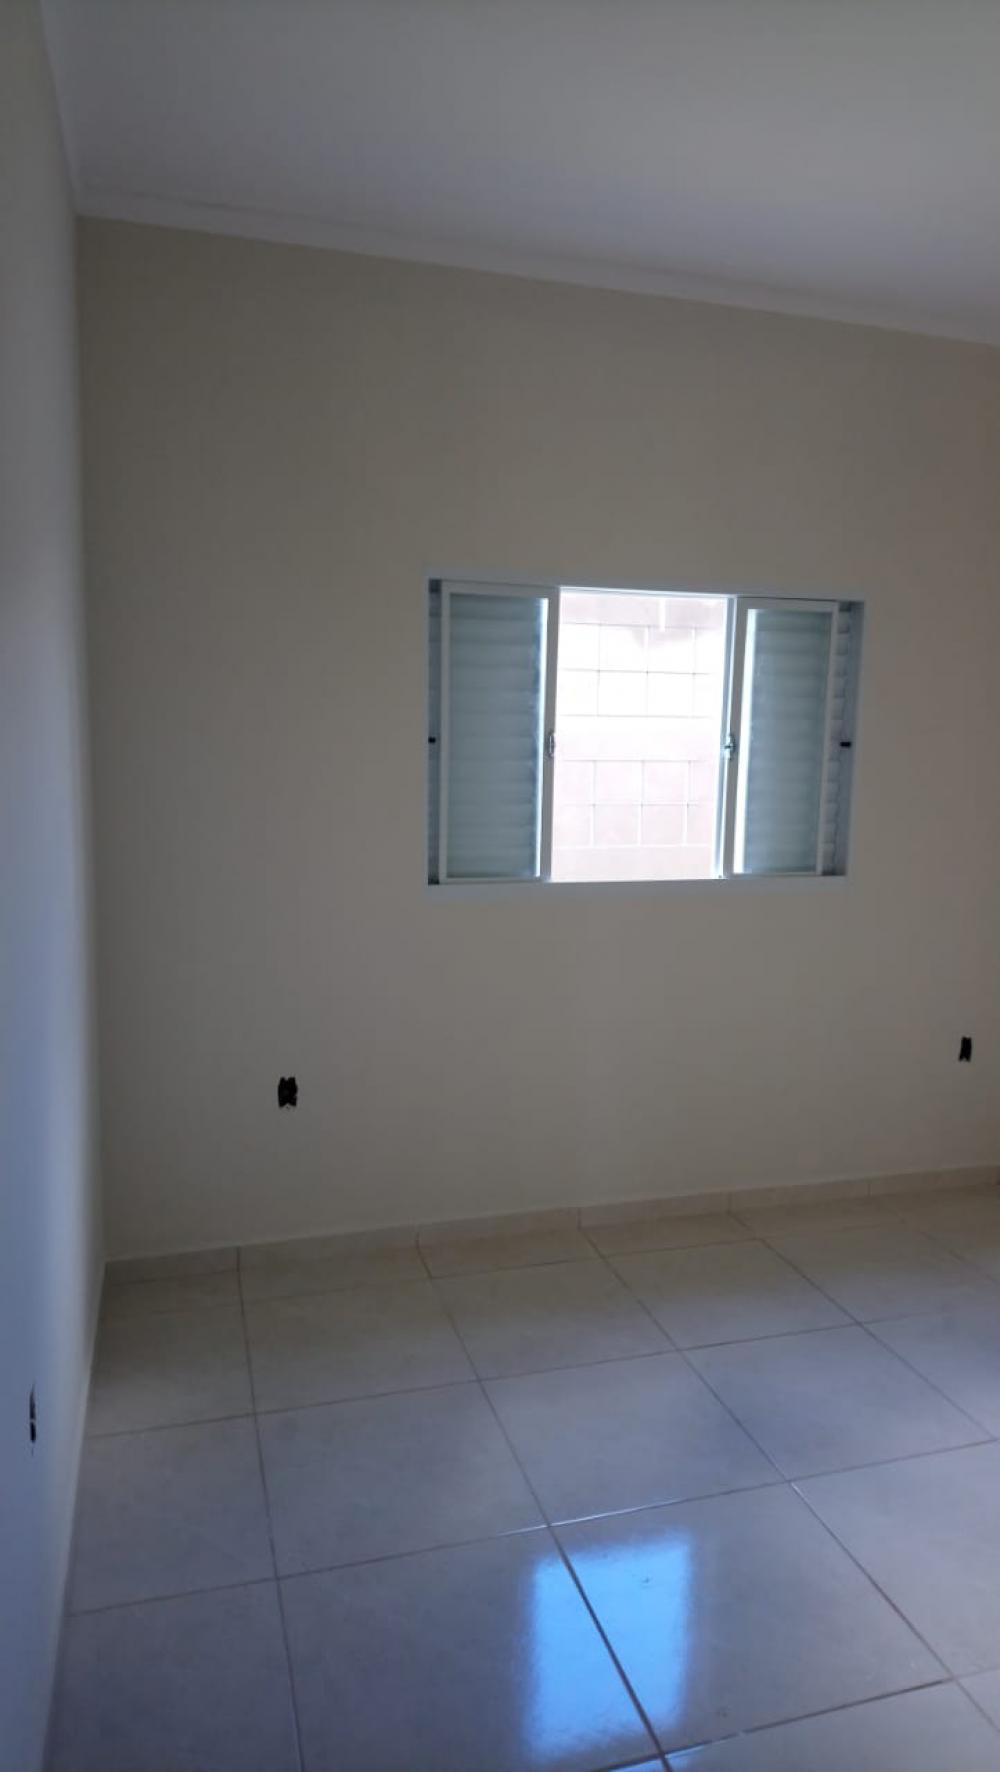 Alugar Casa / Padrão em São José do Rio Preto R$ 600,00 - Foto 5